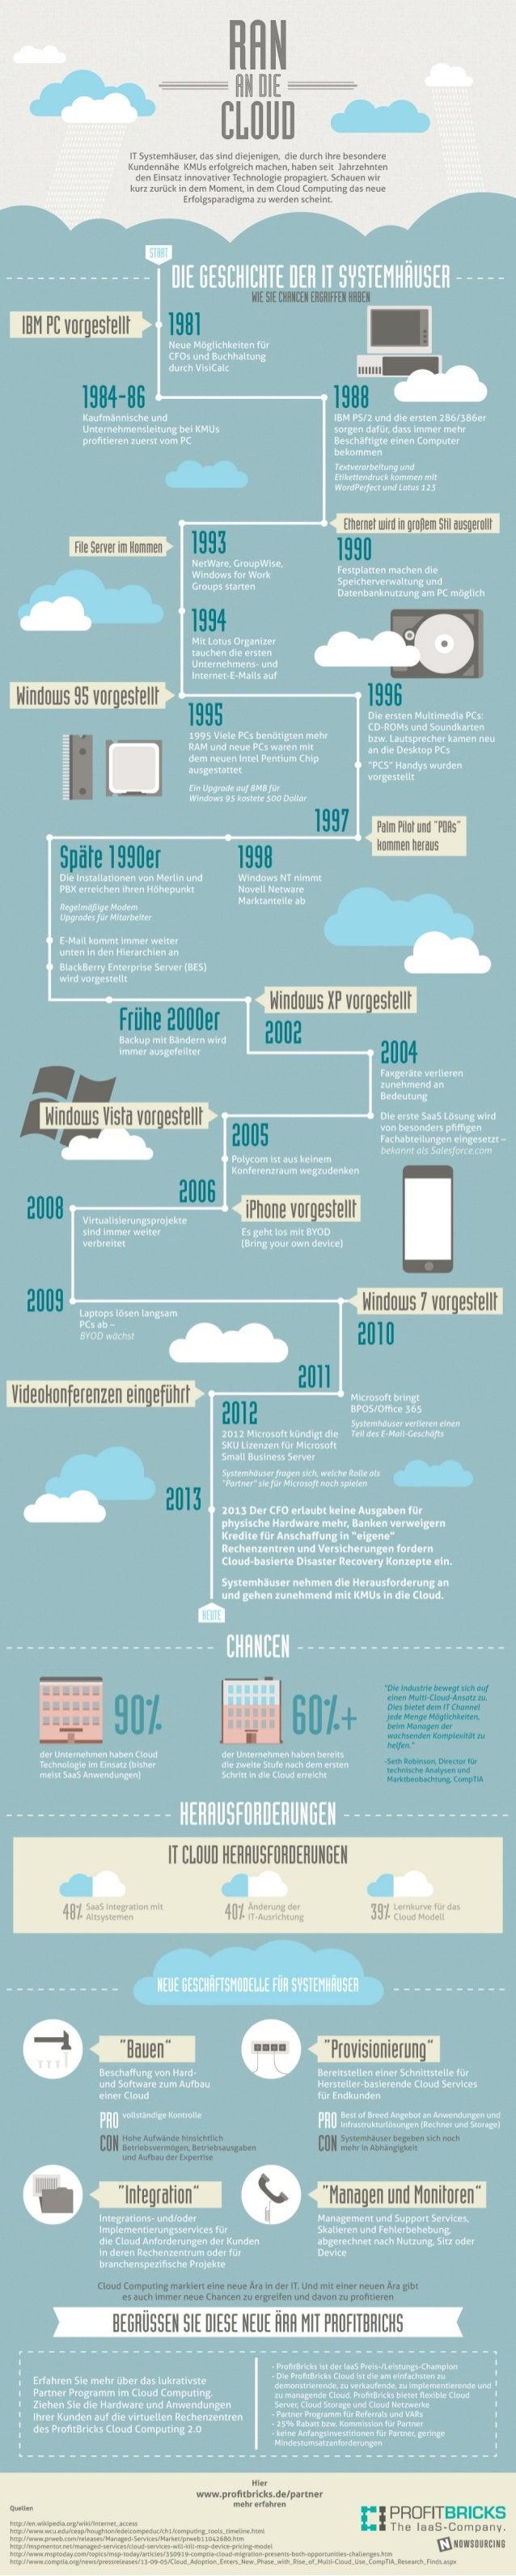 IT Systemhauser,  das sind diejenigen,  die durch ihre besondere Kundennéhe KMUs erfolgreich machen,  haben seit Jahrzehnt...